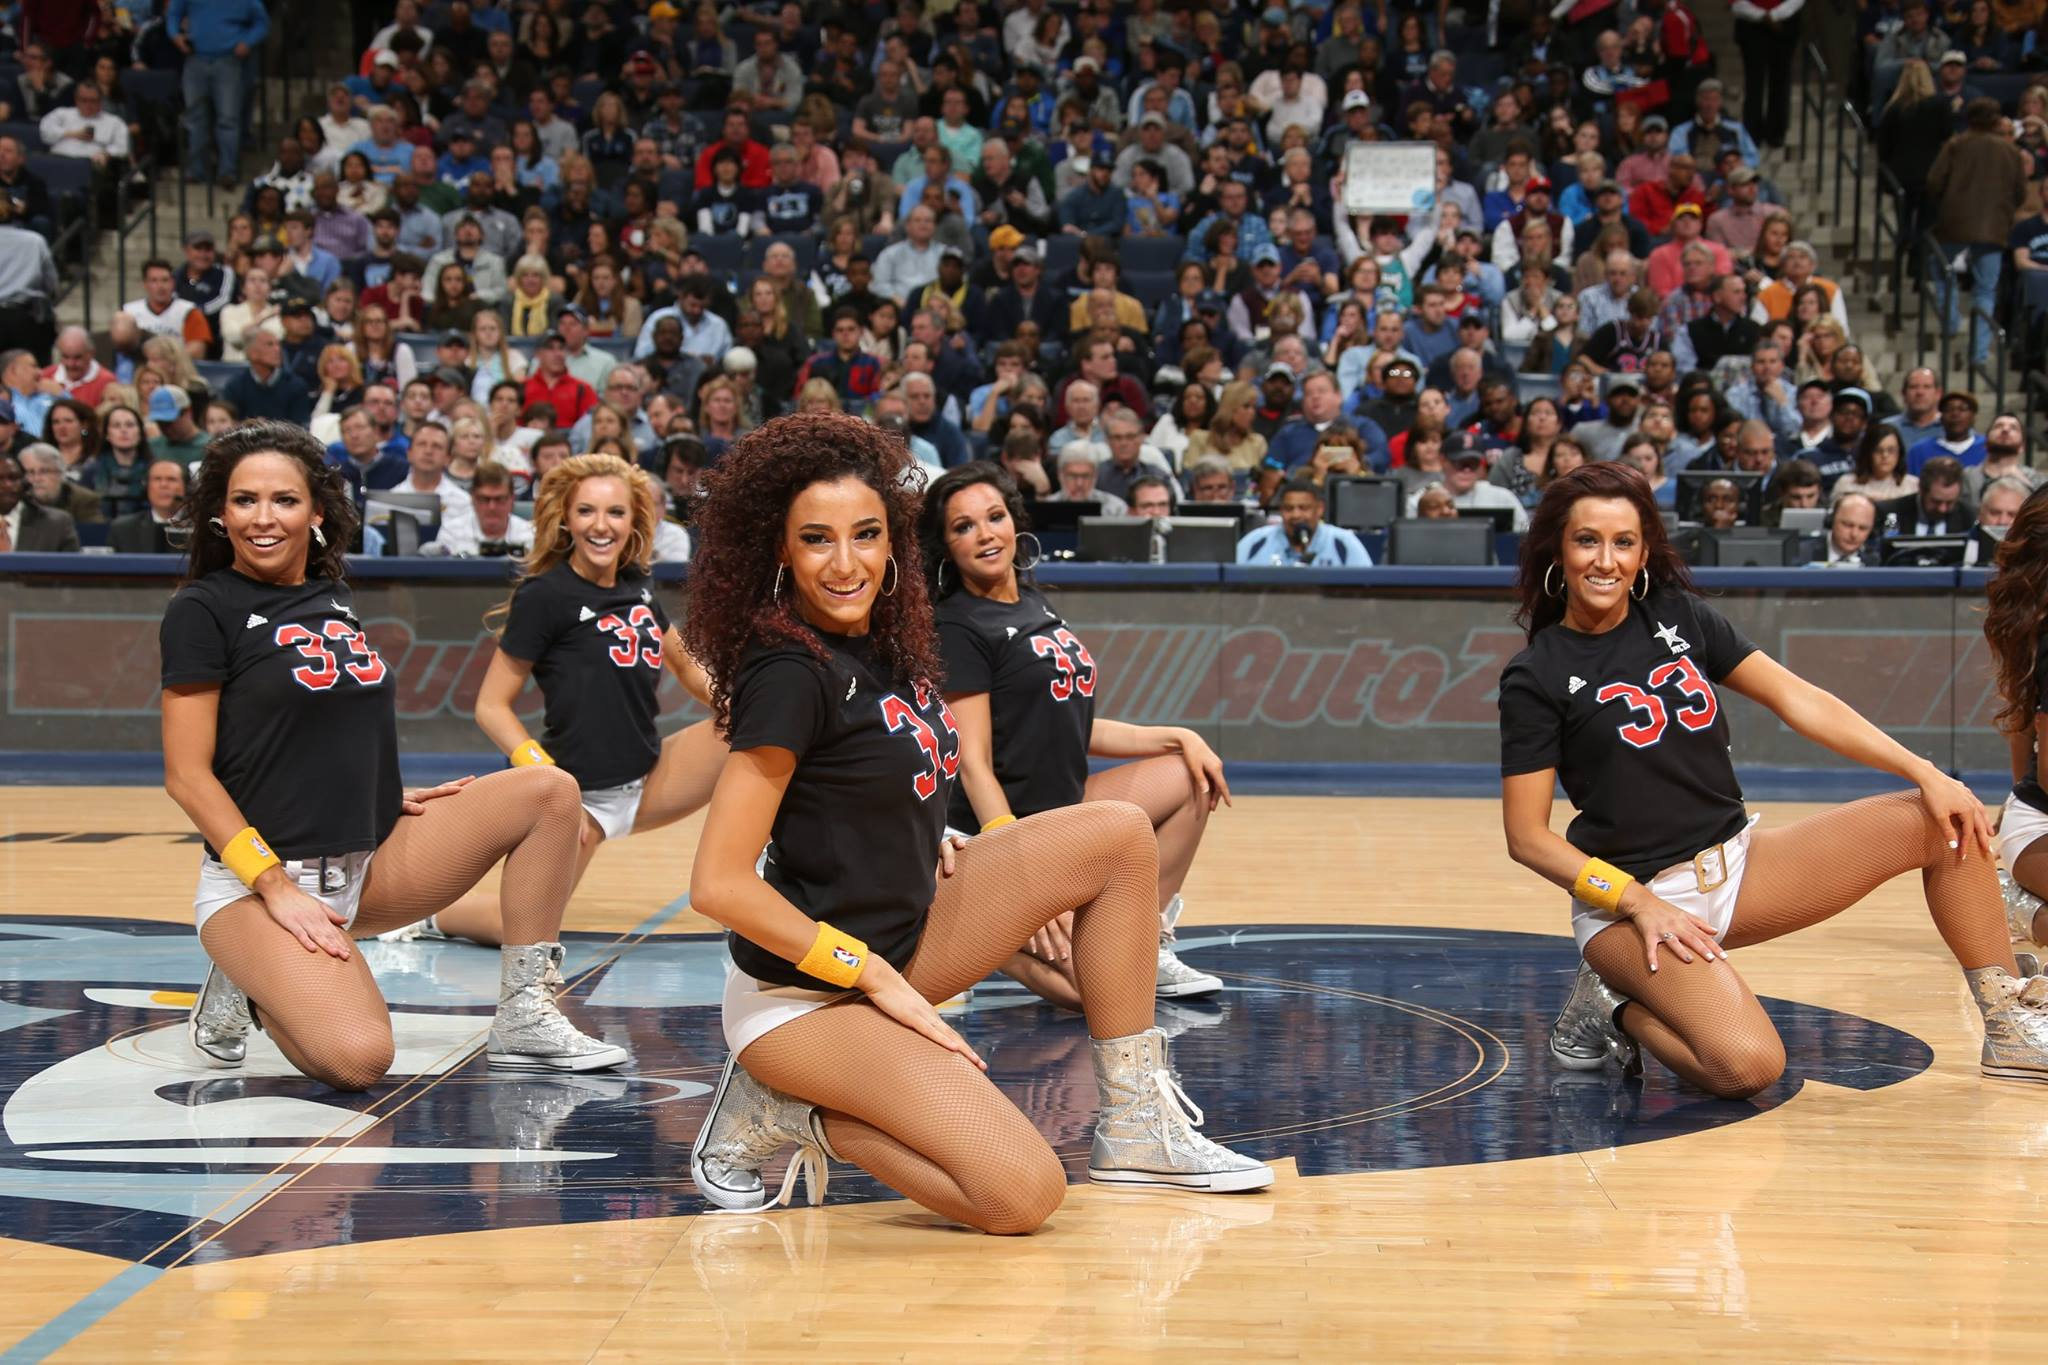 NBA啦啦队是绯闻与八卦之队吗? NBA啦啦队现场表演的商业价值分析